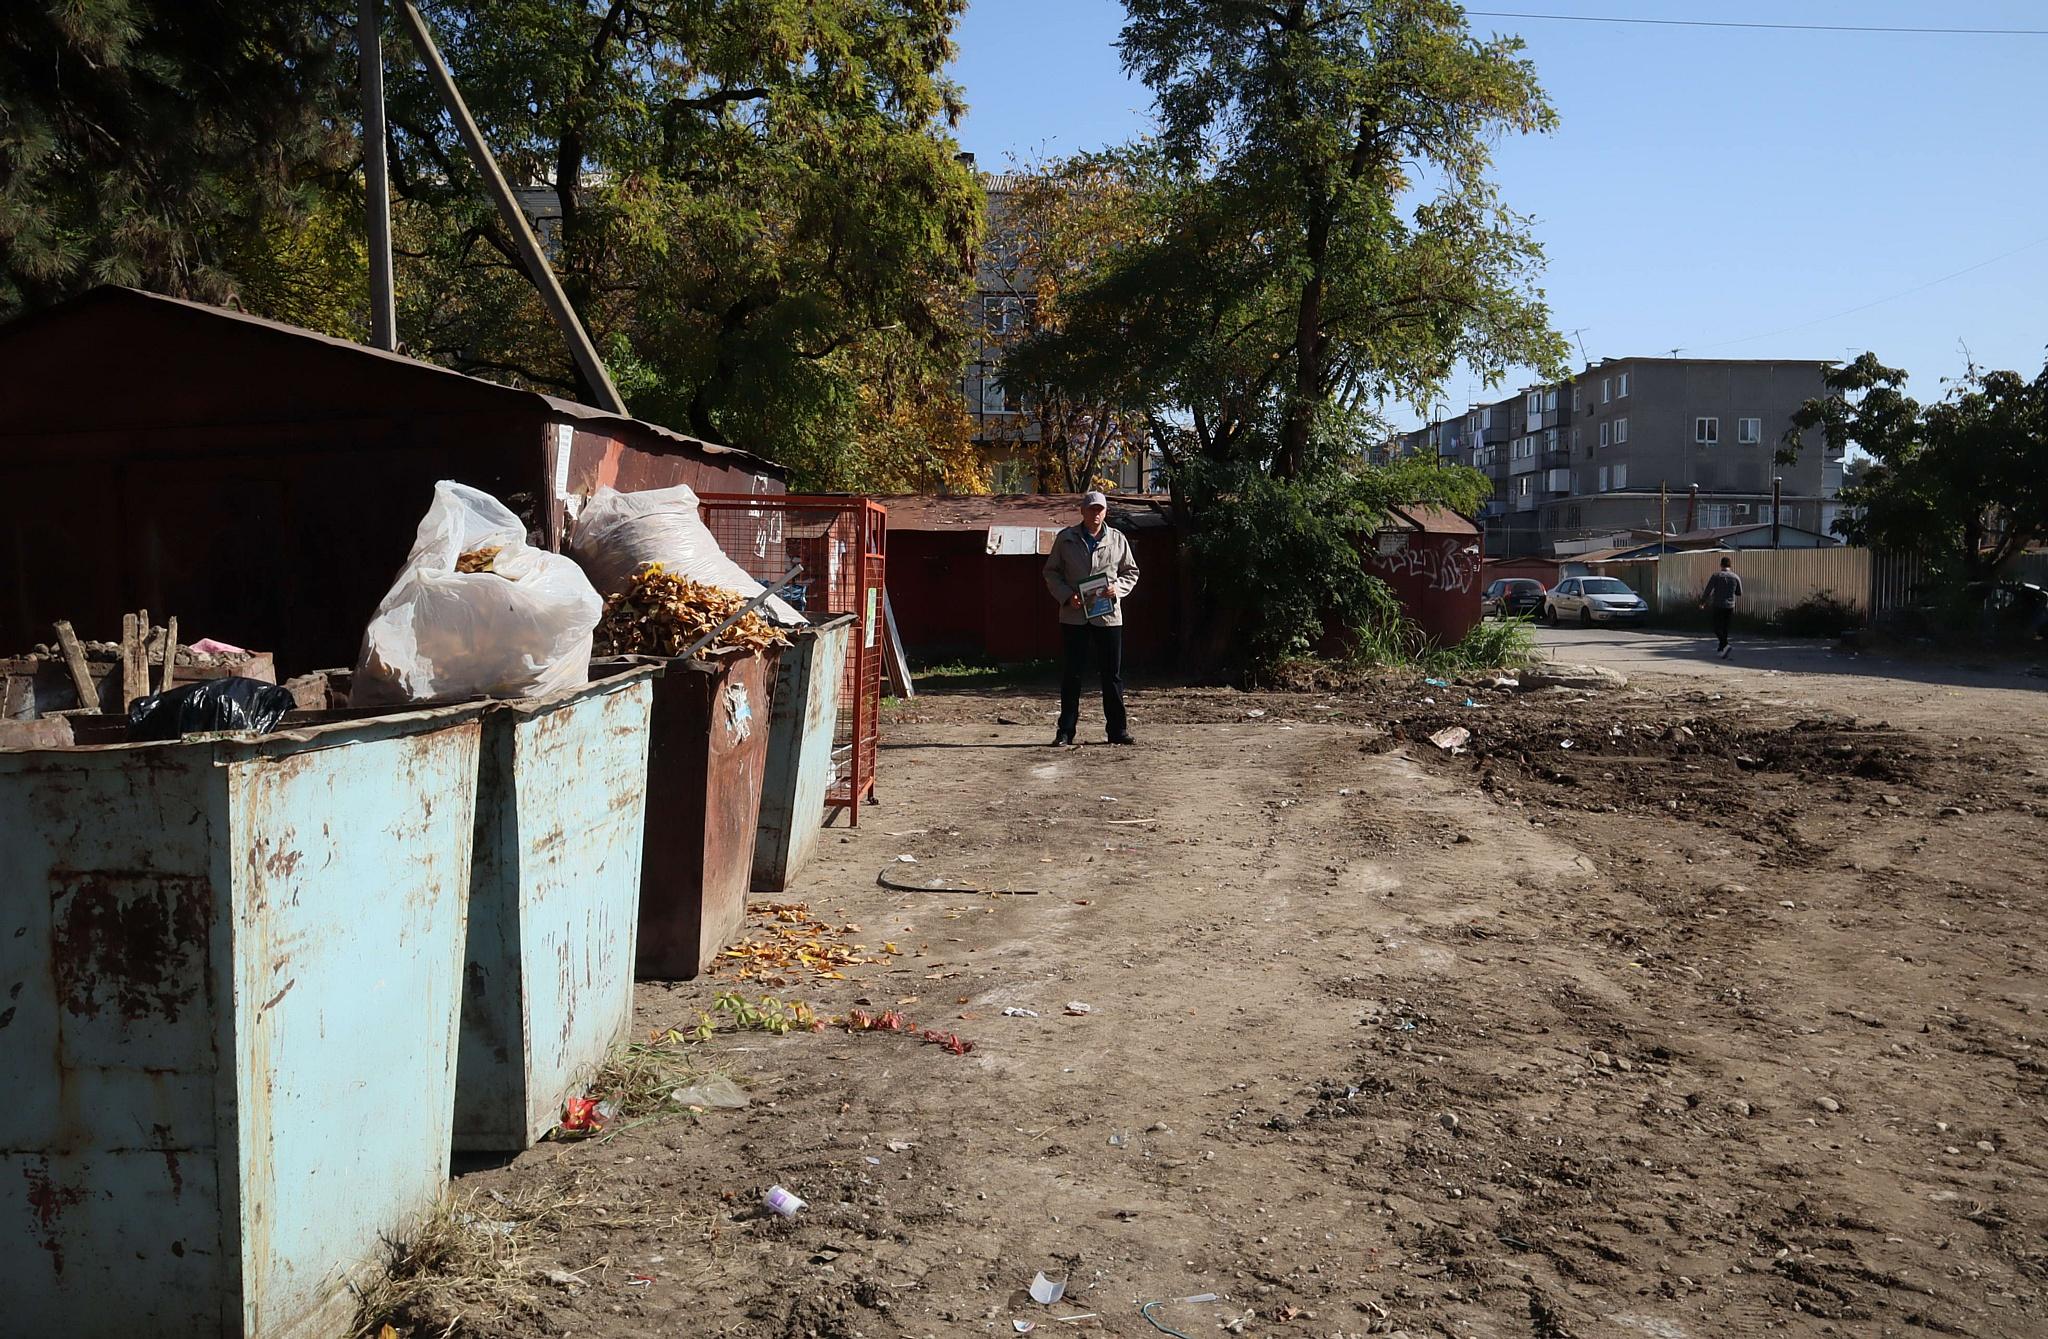 ОНФ в КБР добился ликвидации свалки на месте ремонта теплотрассы